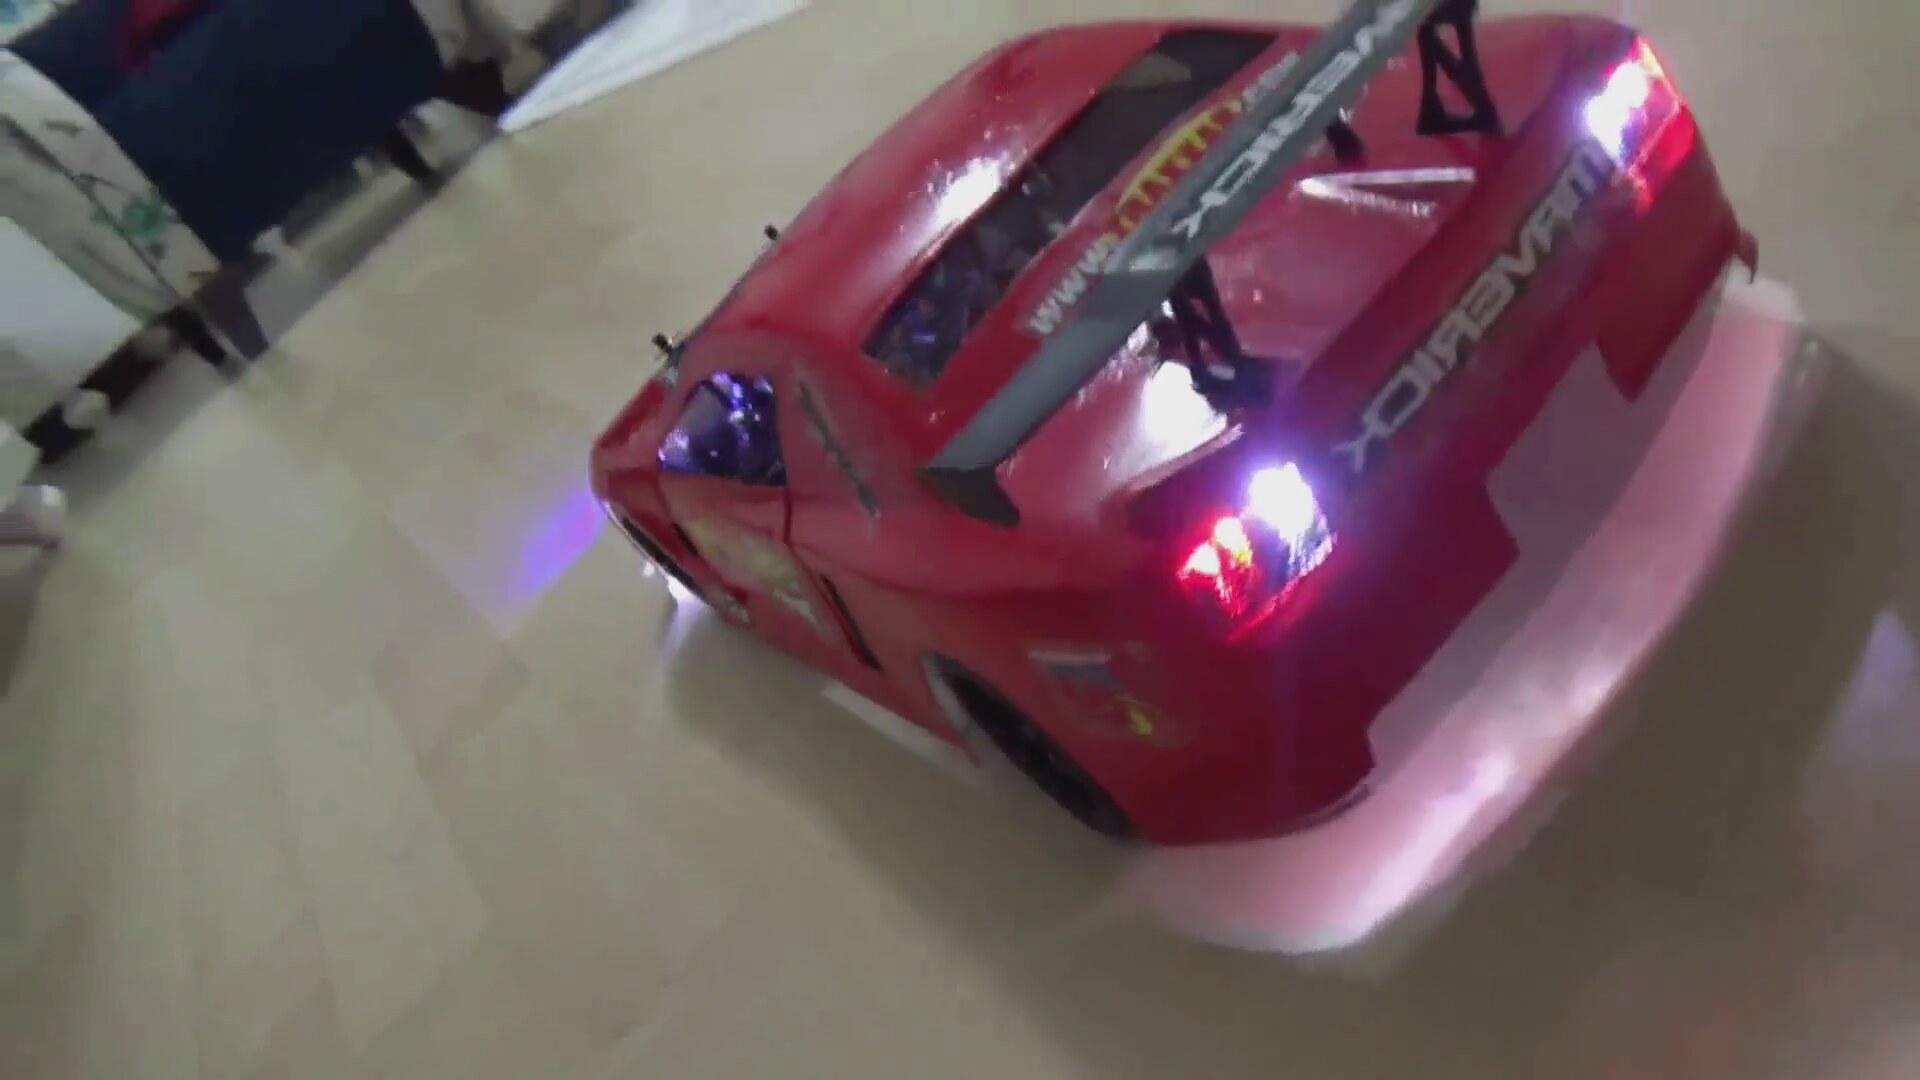 Rc Drift Car Modifiyerc Kep Boyama Teker Değişme Led Işık Döşeme